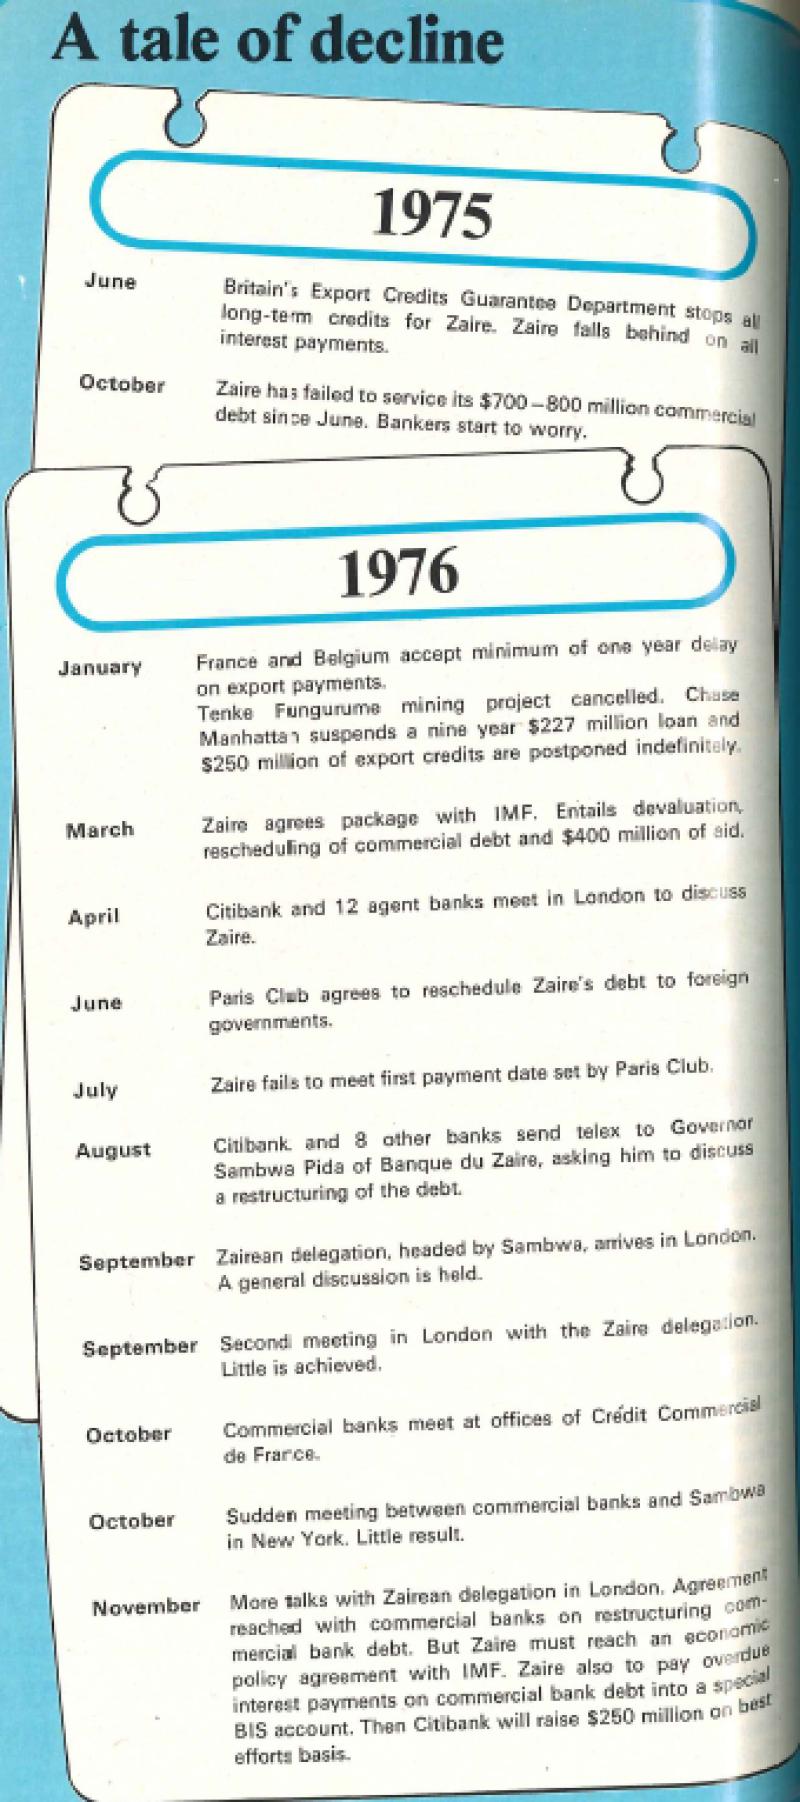 Africa_Feb_1979_tale_p1-340